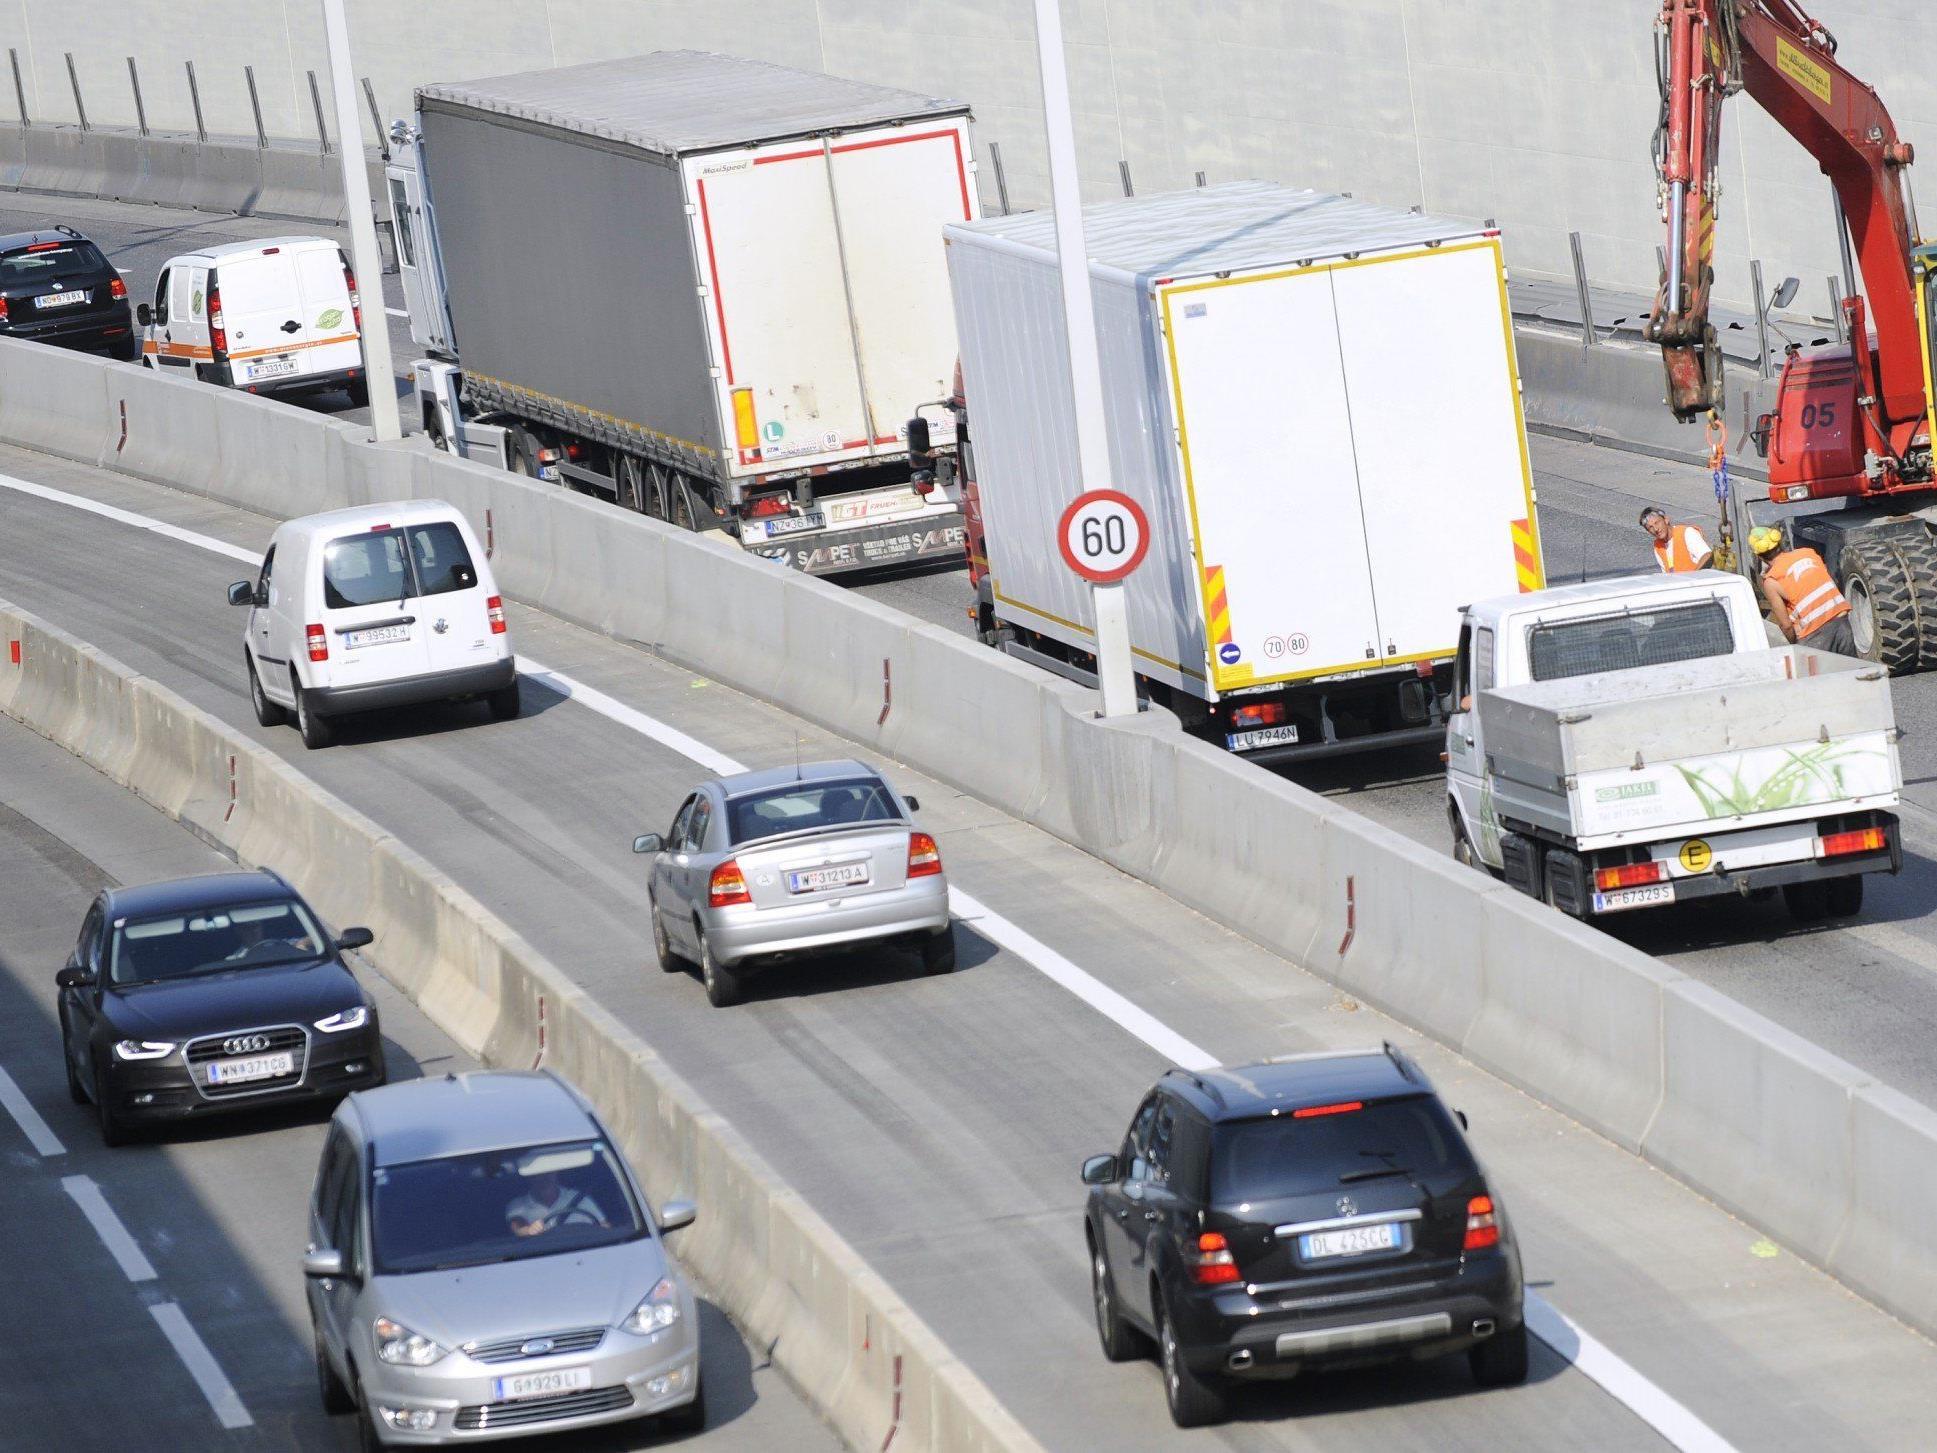 Wiens Autofahrer müssen Geduld beweisen: Alle Sommer-Baustellen im Überblick.